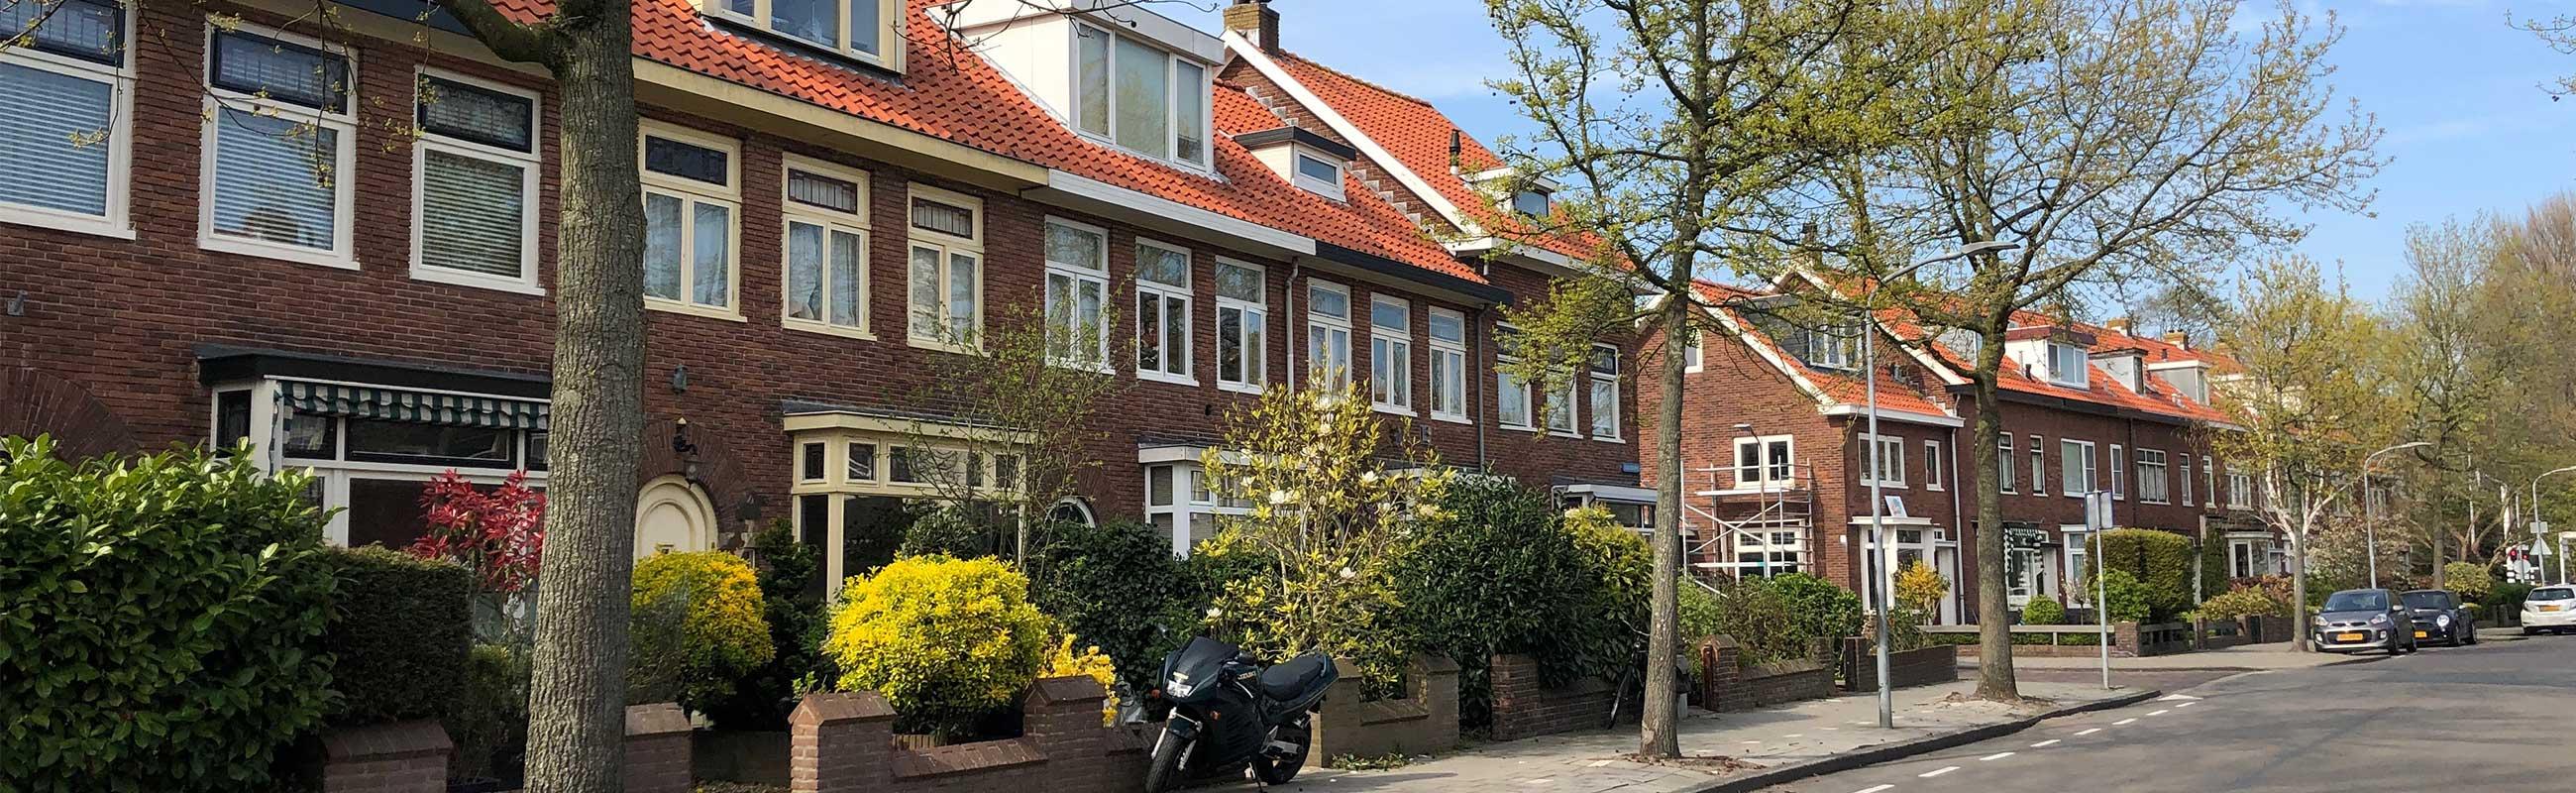 Wonen in het Vondelkwartier in Haarlem Noord.